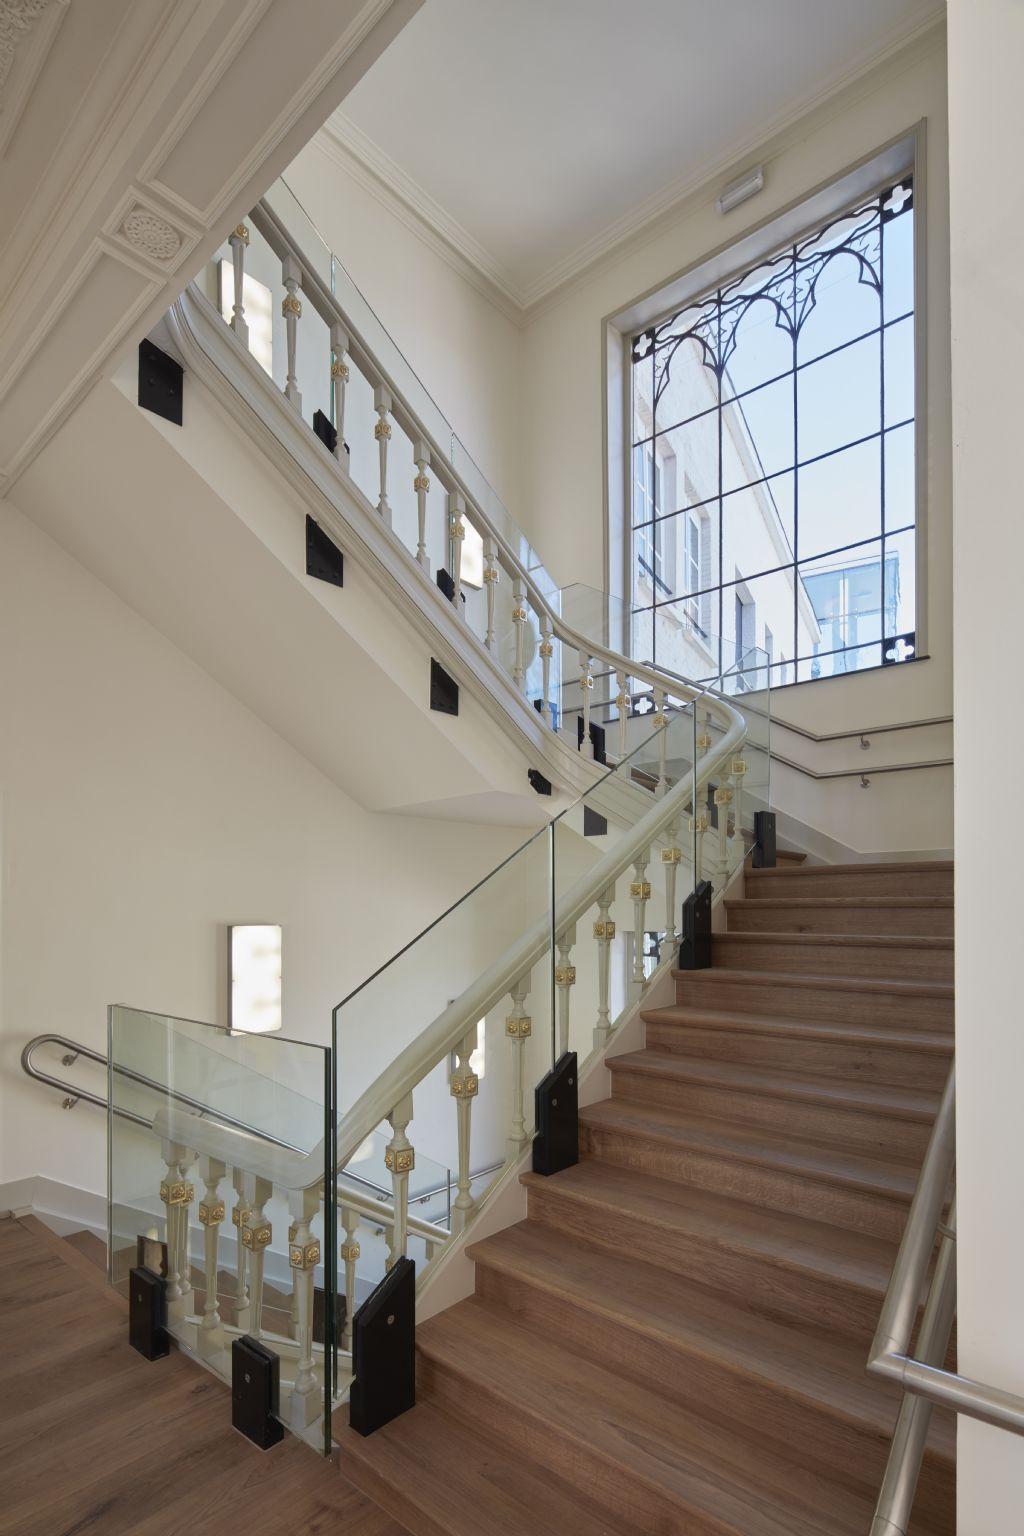 De monumentale houten trap in het historische gebouw is vervangen door een betonnen exemplaar, bekleed met hout. (Foto: Rimanque)